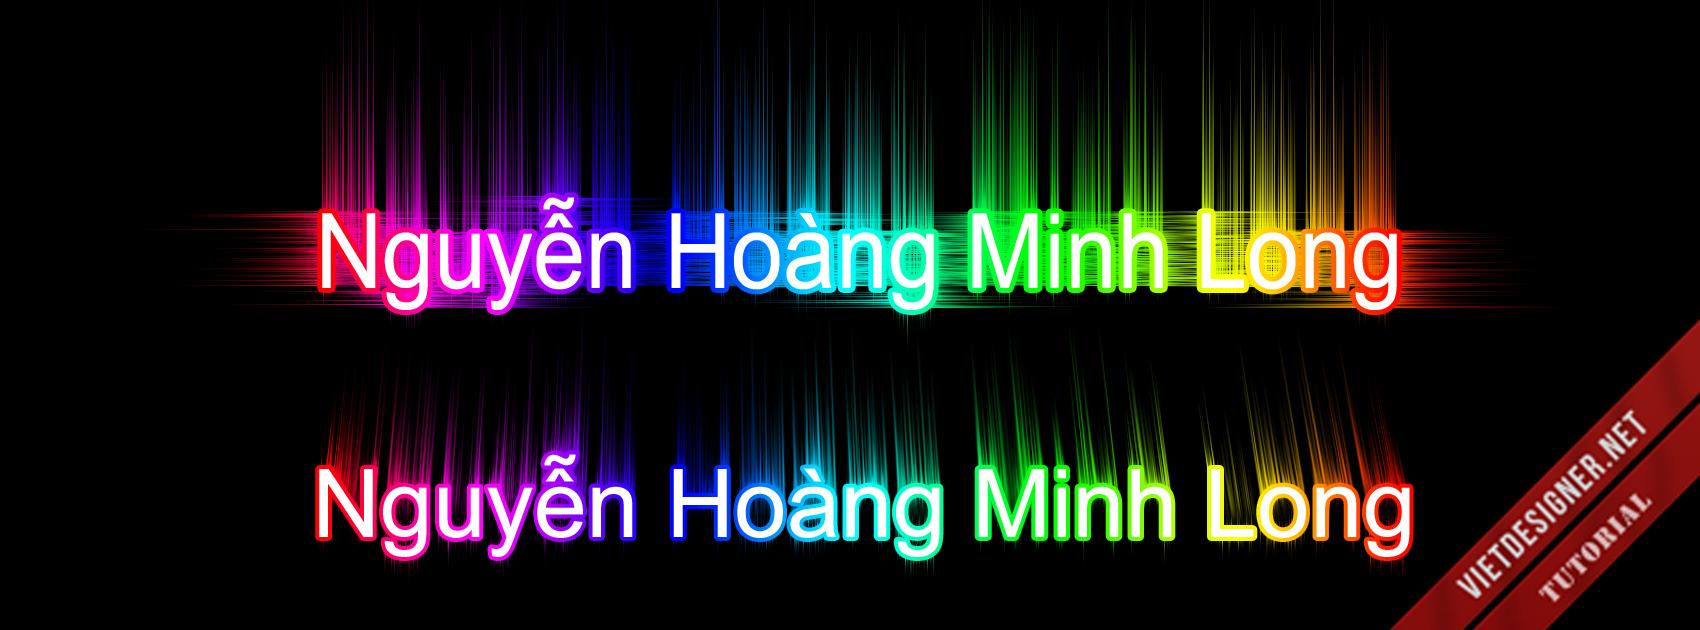 [TUT] Tạo hiệu ứng chữ 7 màu ( Mình đếm có 6 màu ) | Trang 5 | Diễn đàn Designer Việt Nam